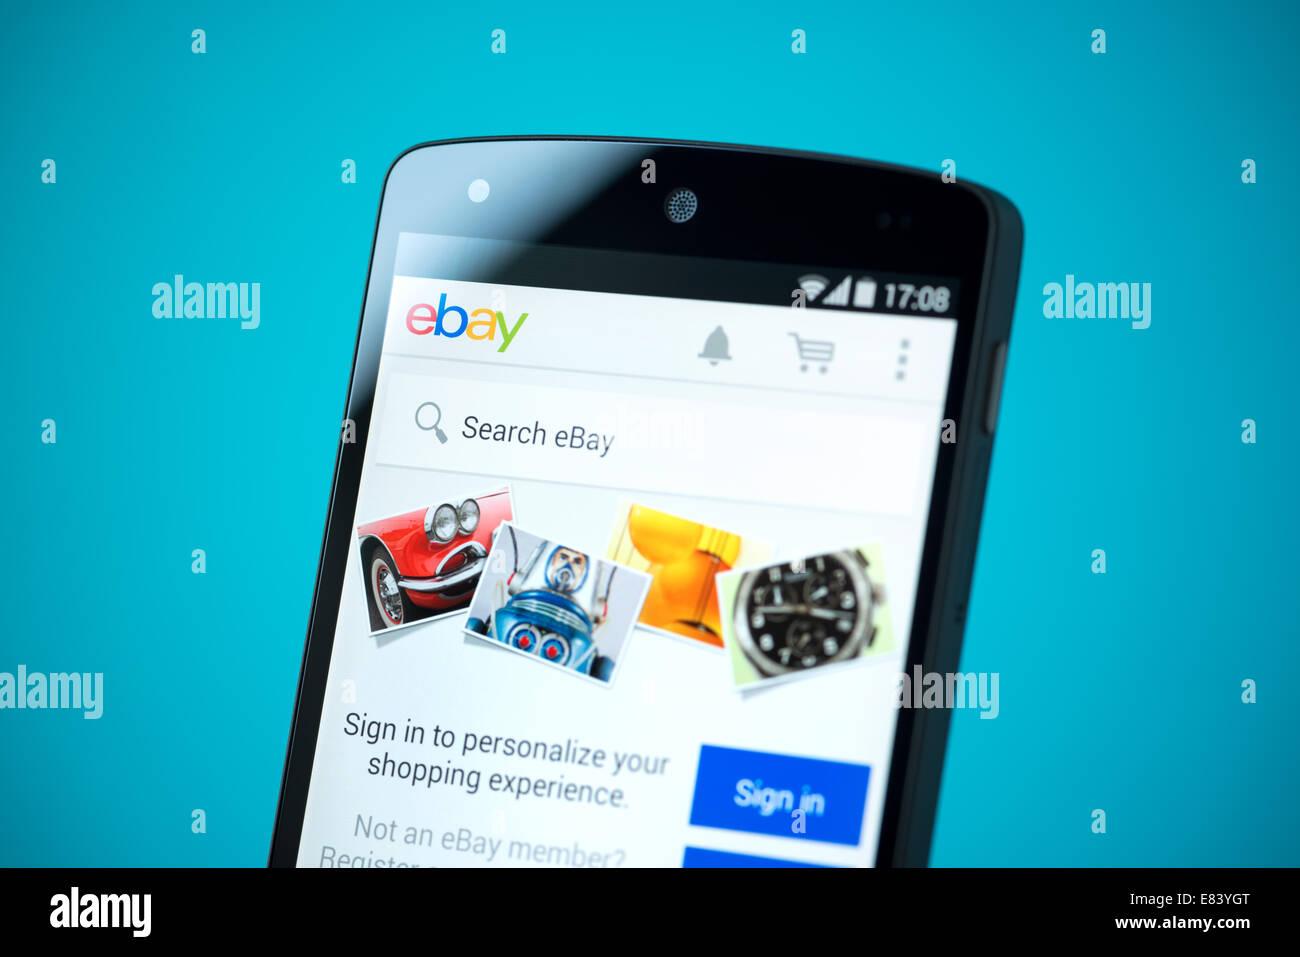 Gros plan de tout nouveau Google Nexus 5, propulsé par Android 4.4 version avec eBay site mobile sur un écran. Banque D'Images